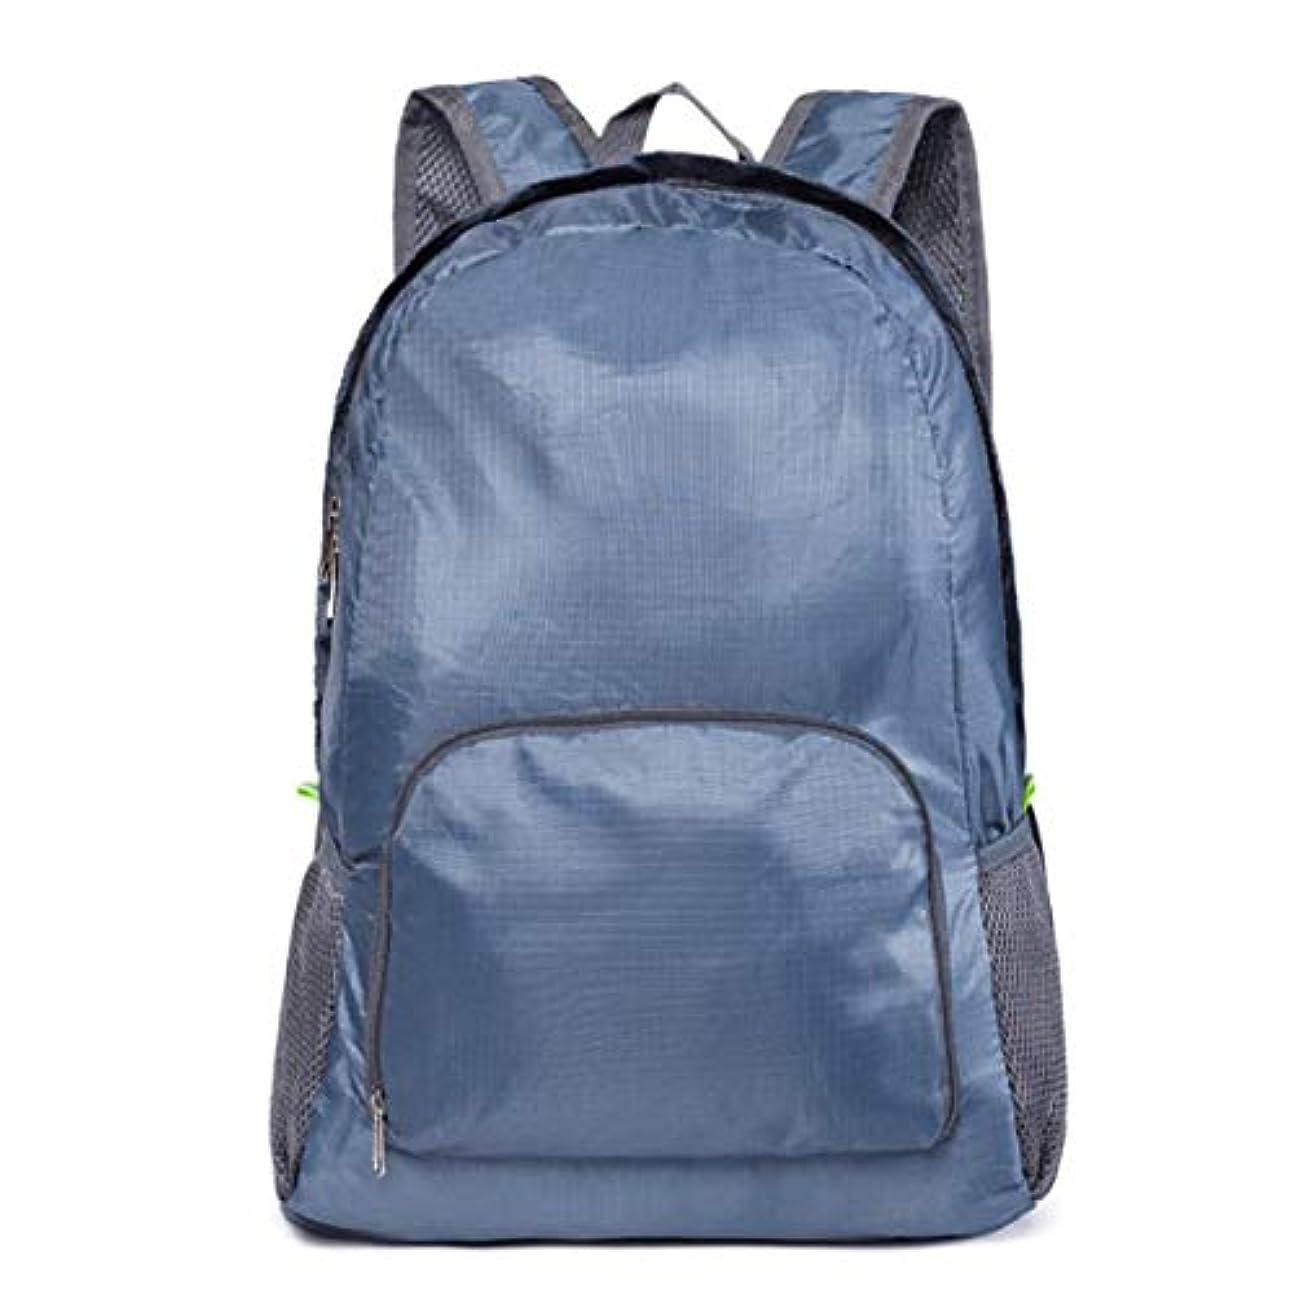 レガシーコットンバンTRAVINE 携帯 折りたたみ 式 リュック サック バック パック 超 軽量 軽い コンパクト ポータブル バッグ 旅行 トラベル 登山 キャンプ 出張 買い物 袋 防災 20L